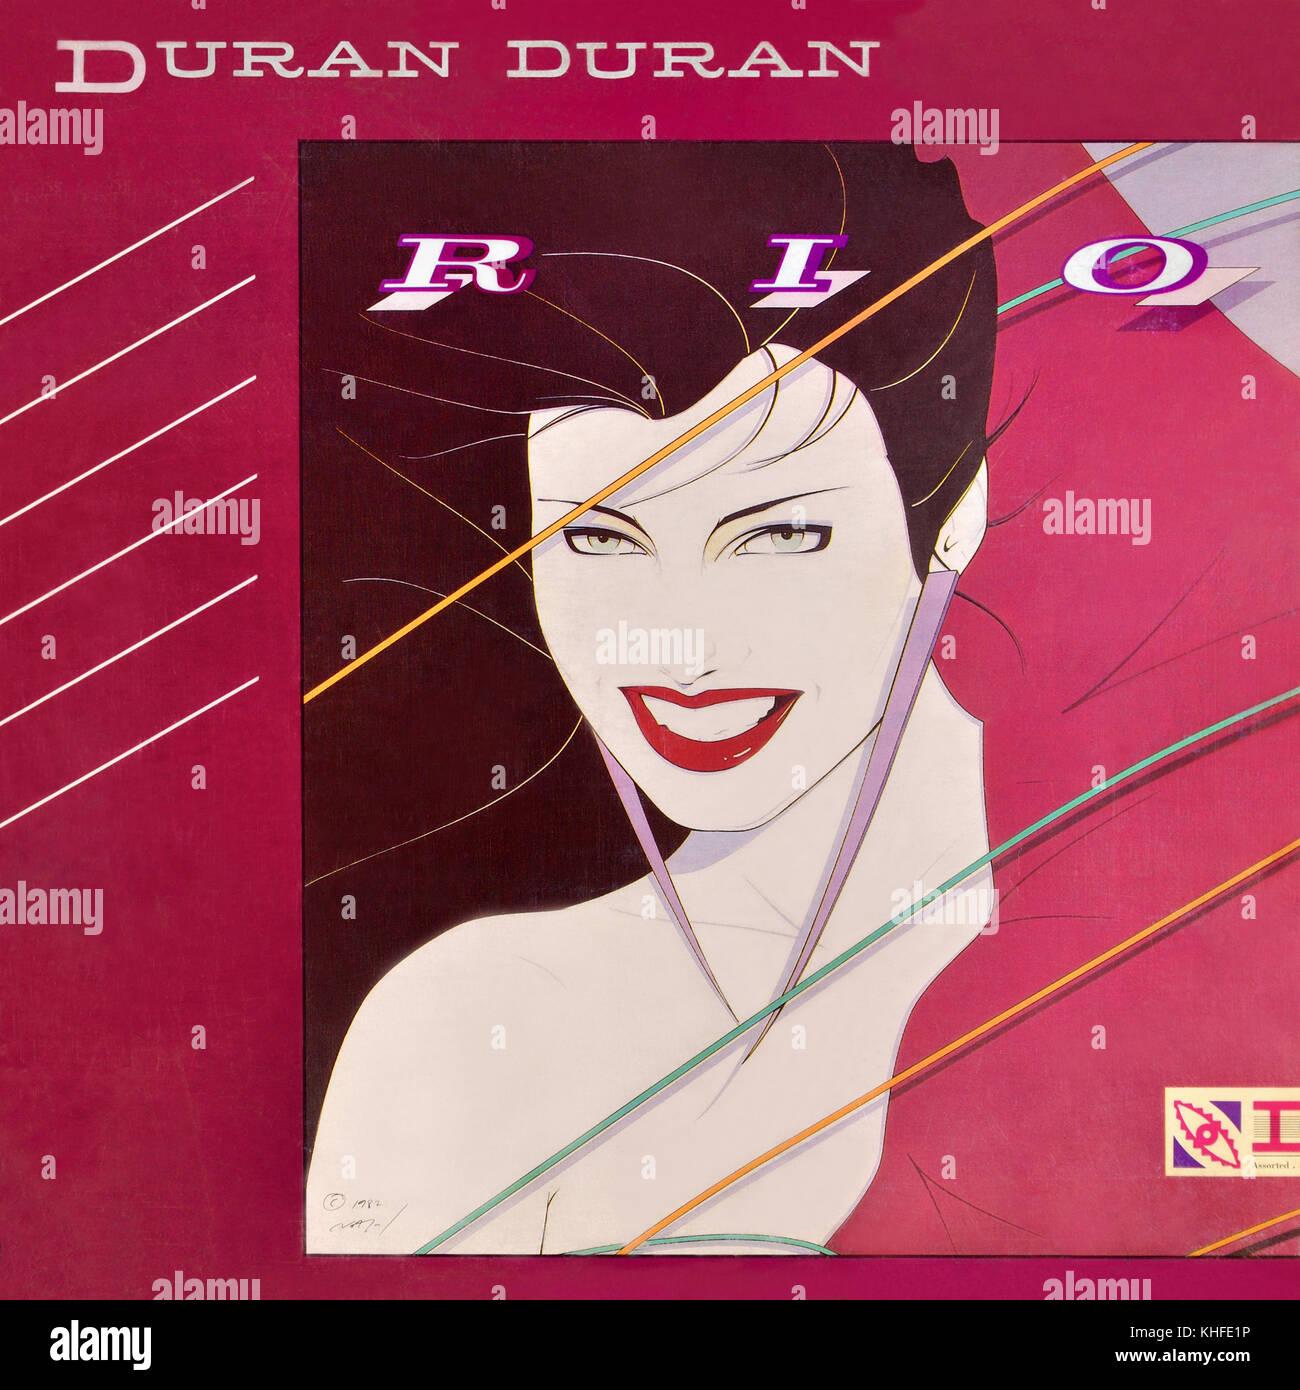 Duran Duran - couverture de l'album vinyle original Rio - 1982 Banque D'Images